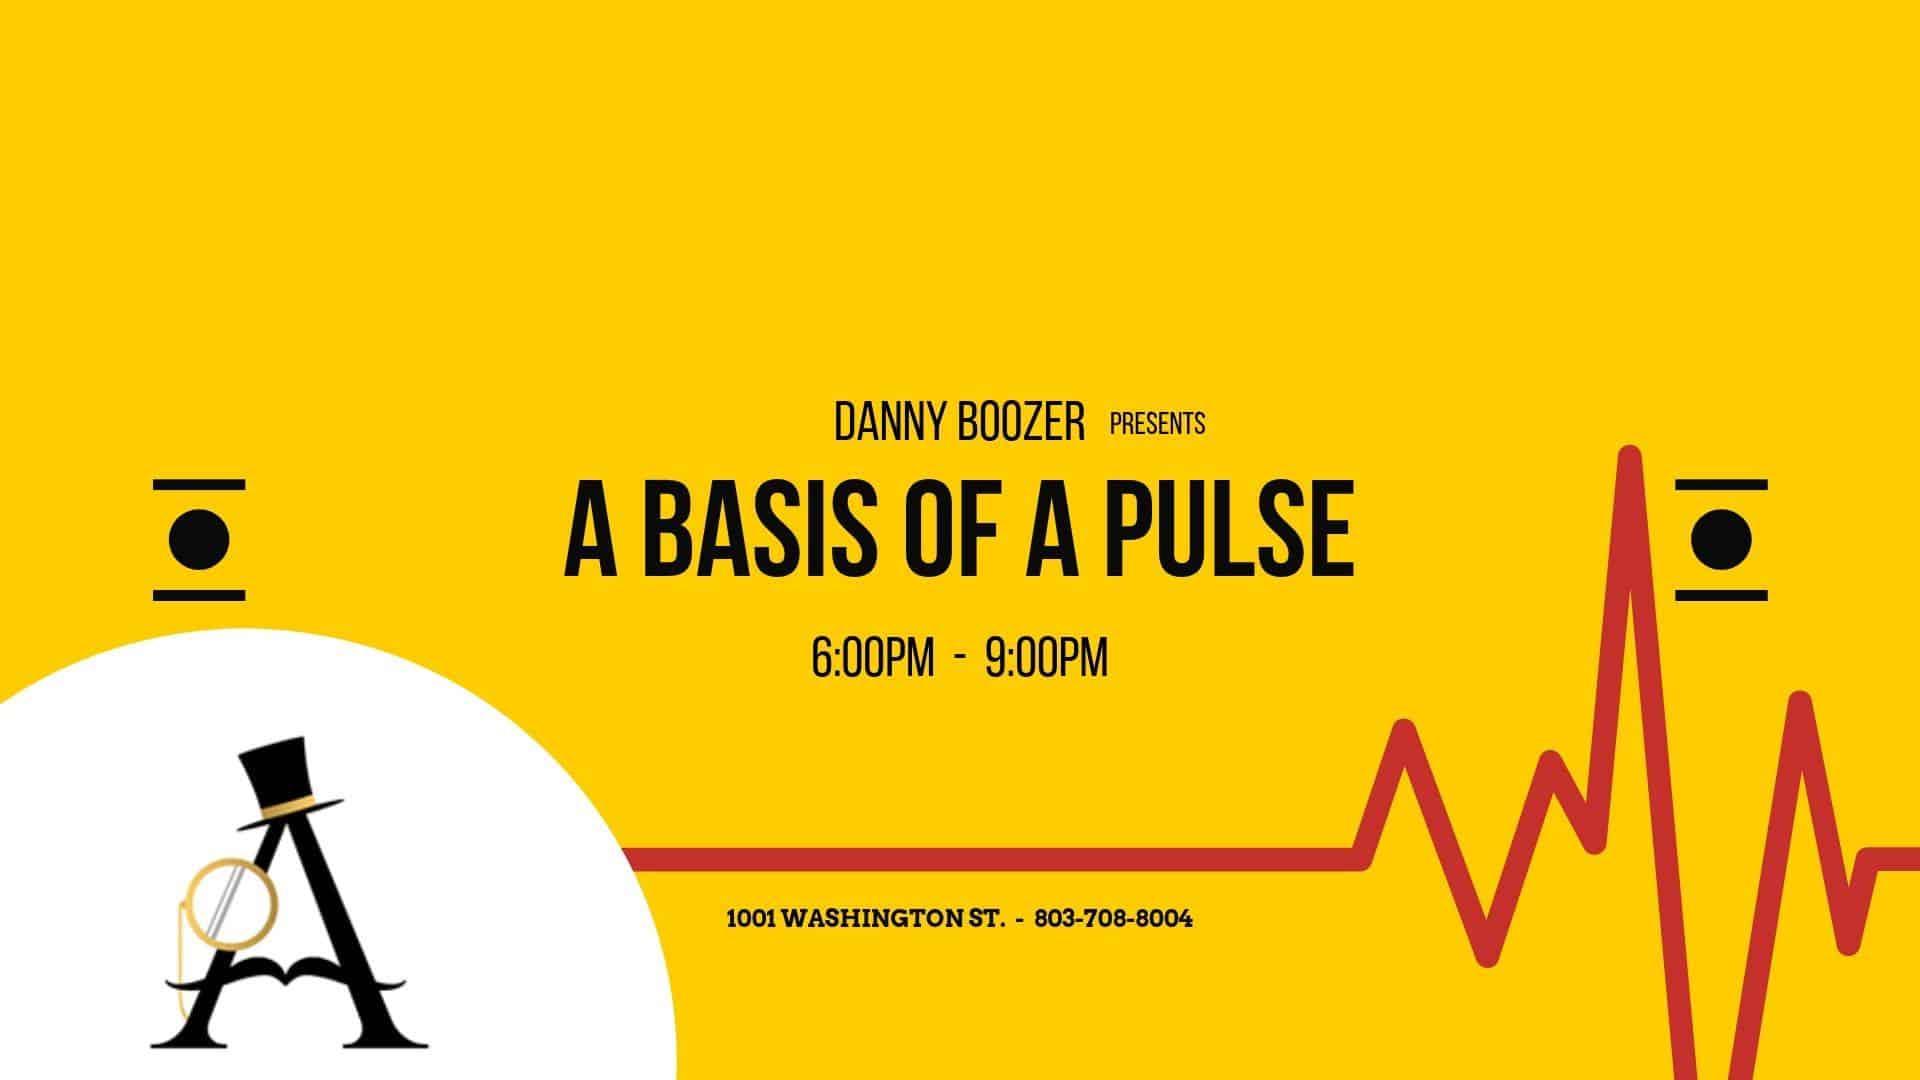 Basis of a Pulse